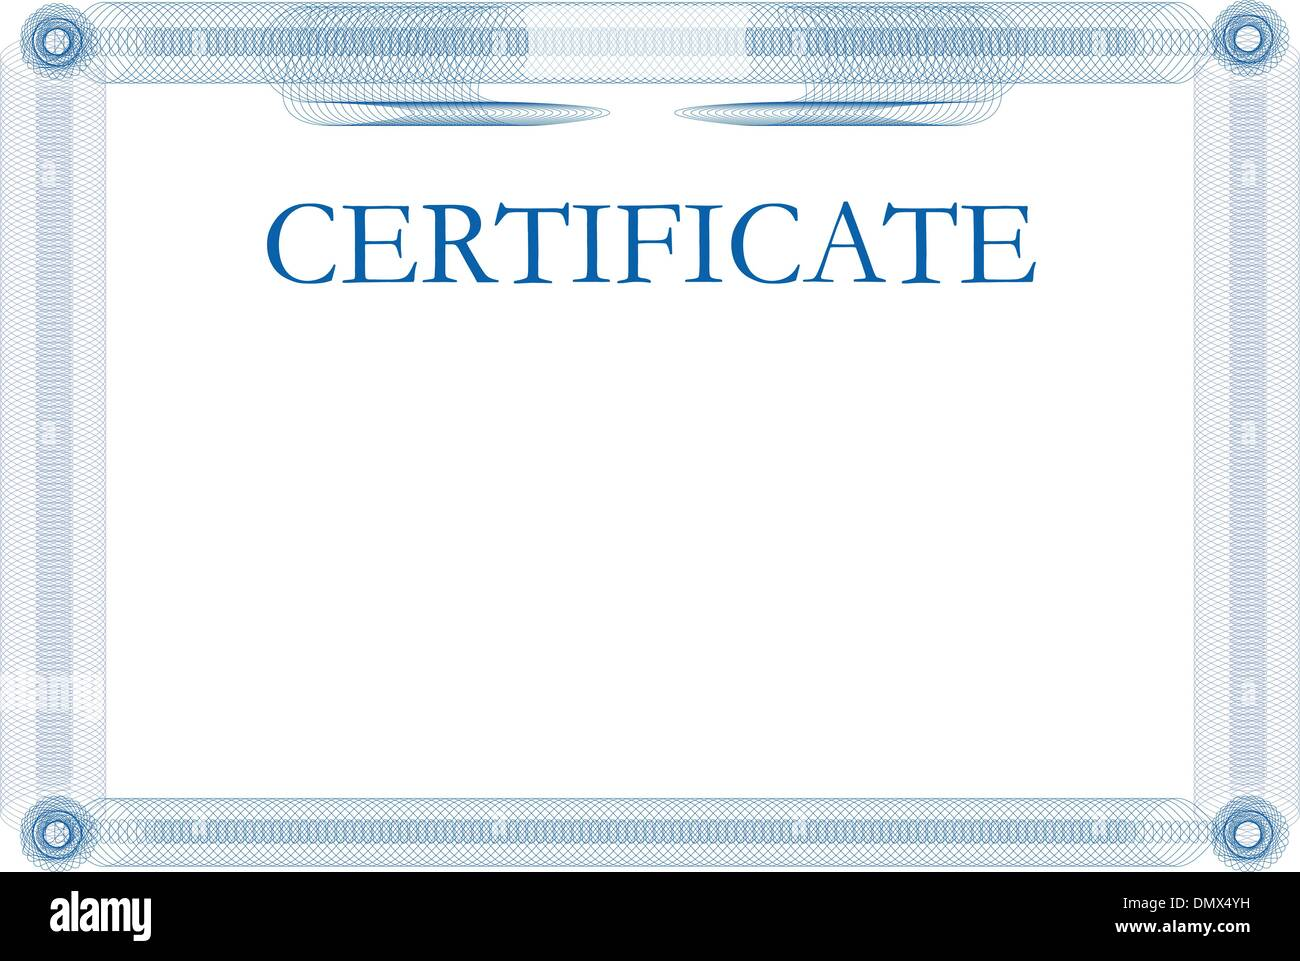 Fantastisch Ce Zertifikatvorlage Zeitgenössisch - Entry Level Resume ...